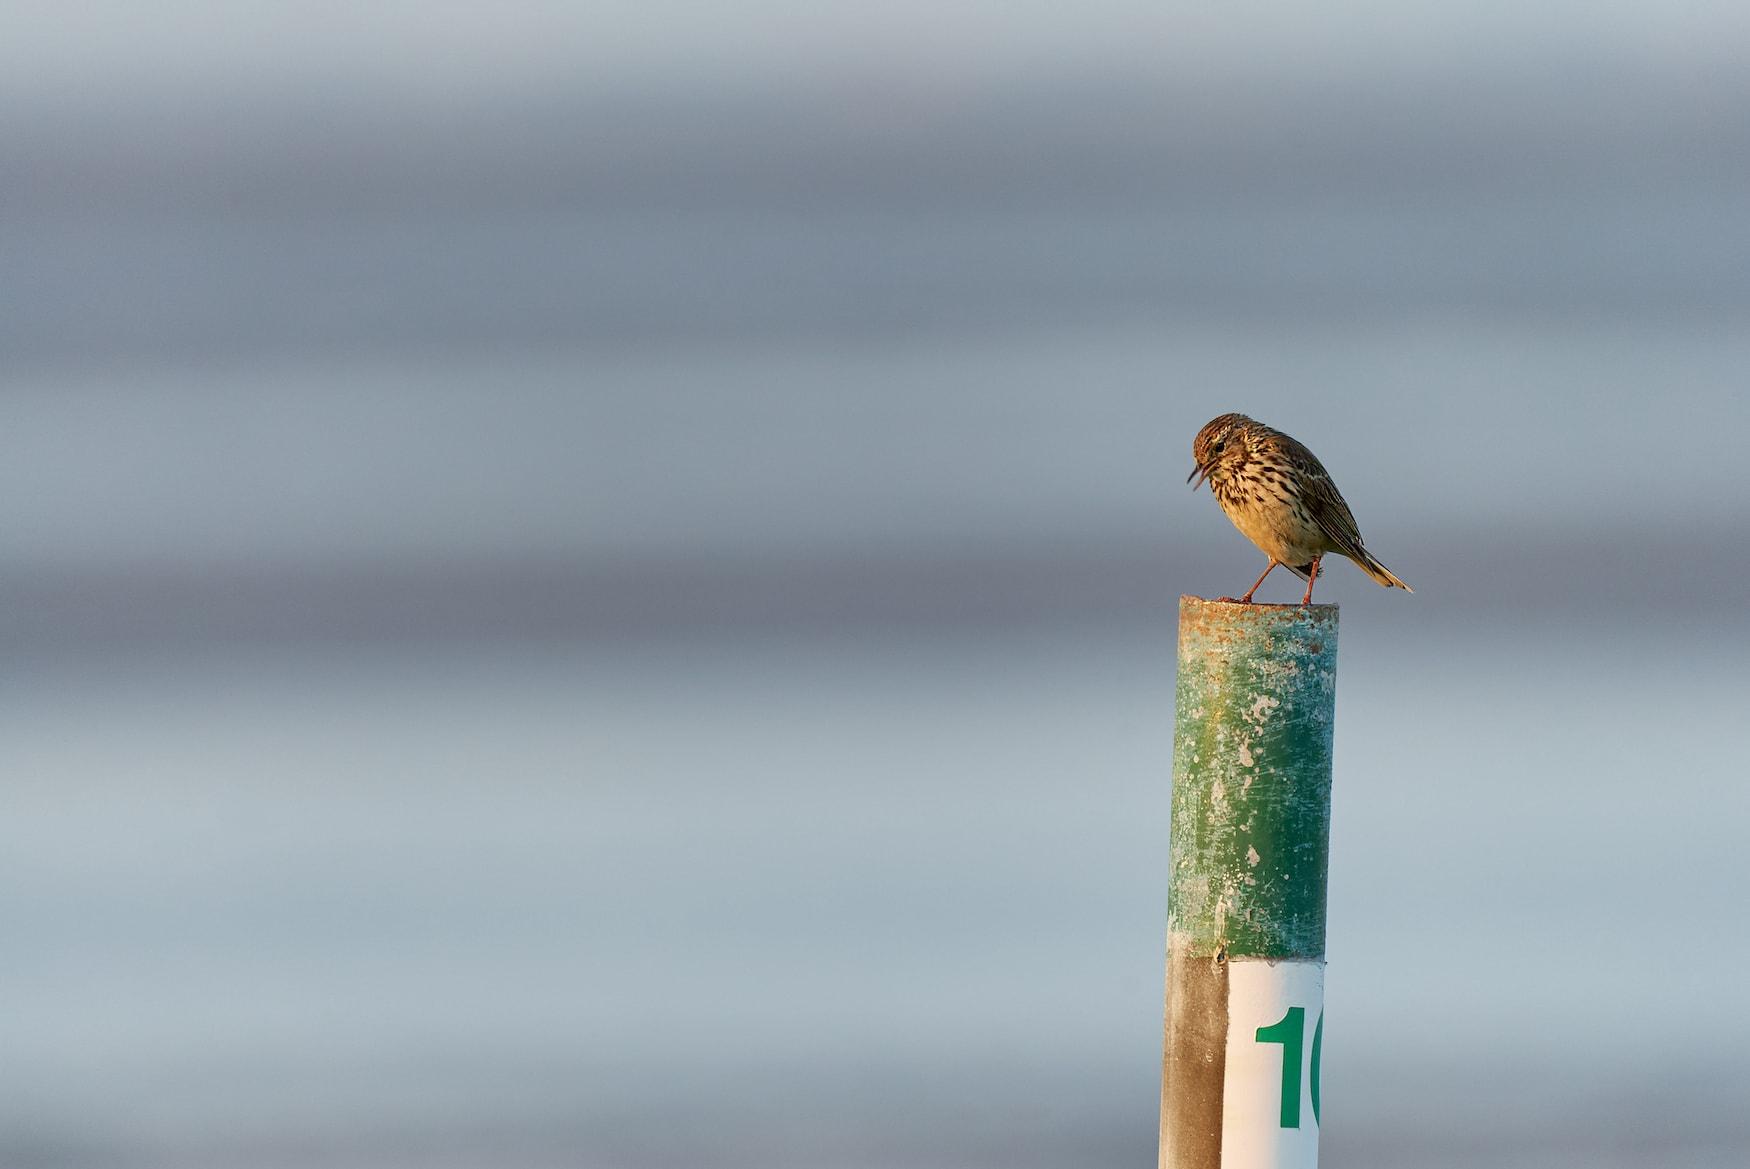 Zugvögel Deutschland: Hier sieht man einen Singvogel auf einem Pfahl in der Nordsee